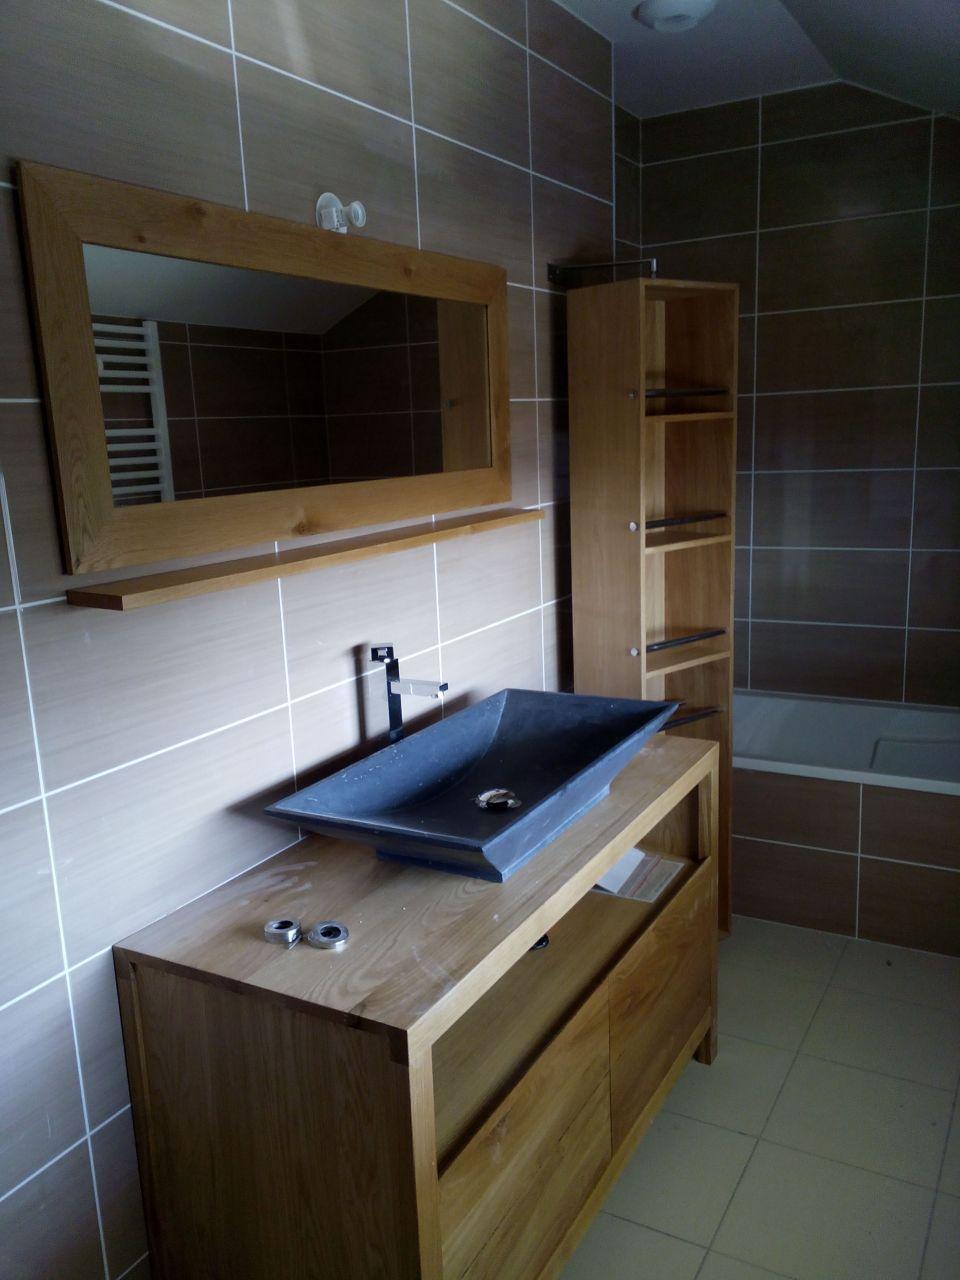 salle de bains quasi termin e notre petit chez nous par ecapoe sur. Black Bedroom Furniture Sets. Home Design Ideas